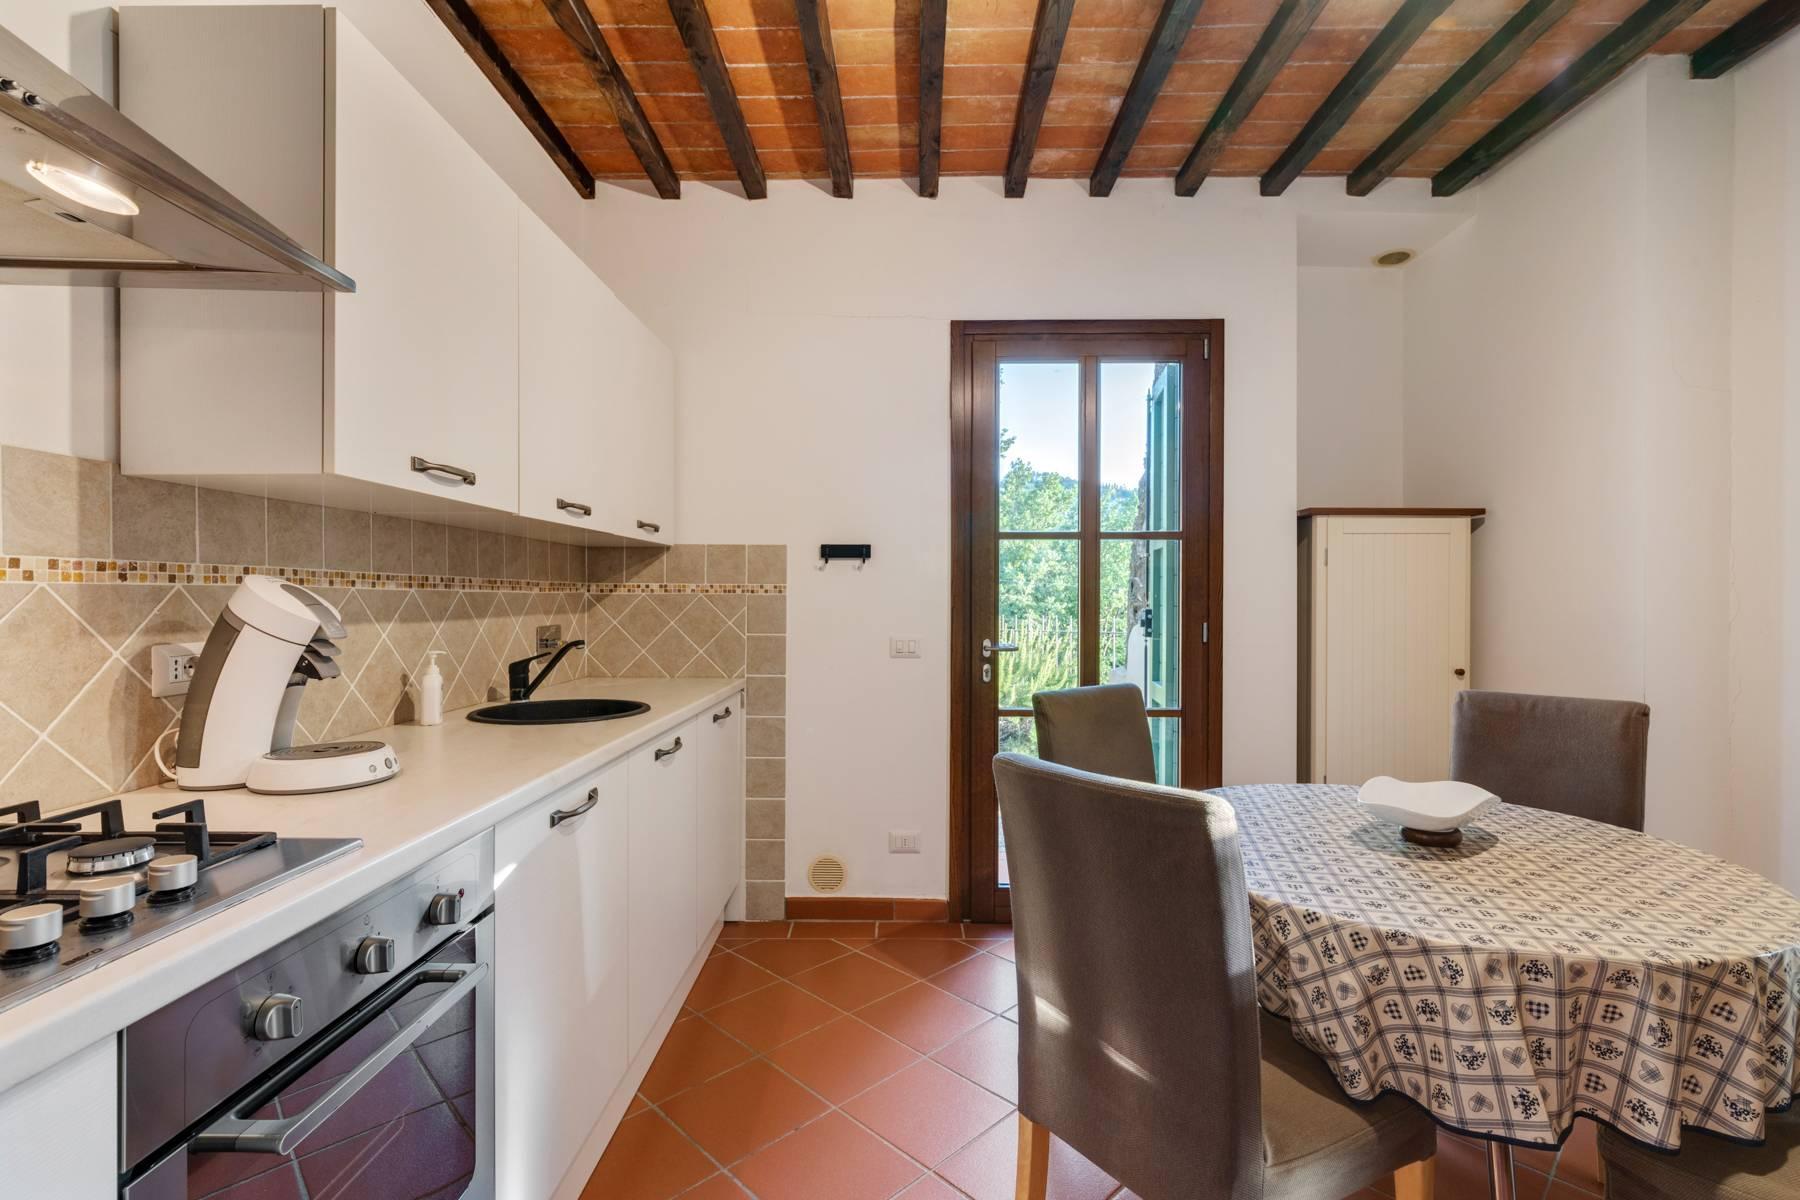 Charmante maison de campagne avec piscine sur les collines toscanes - 24